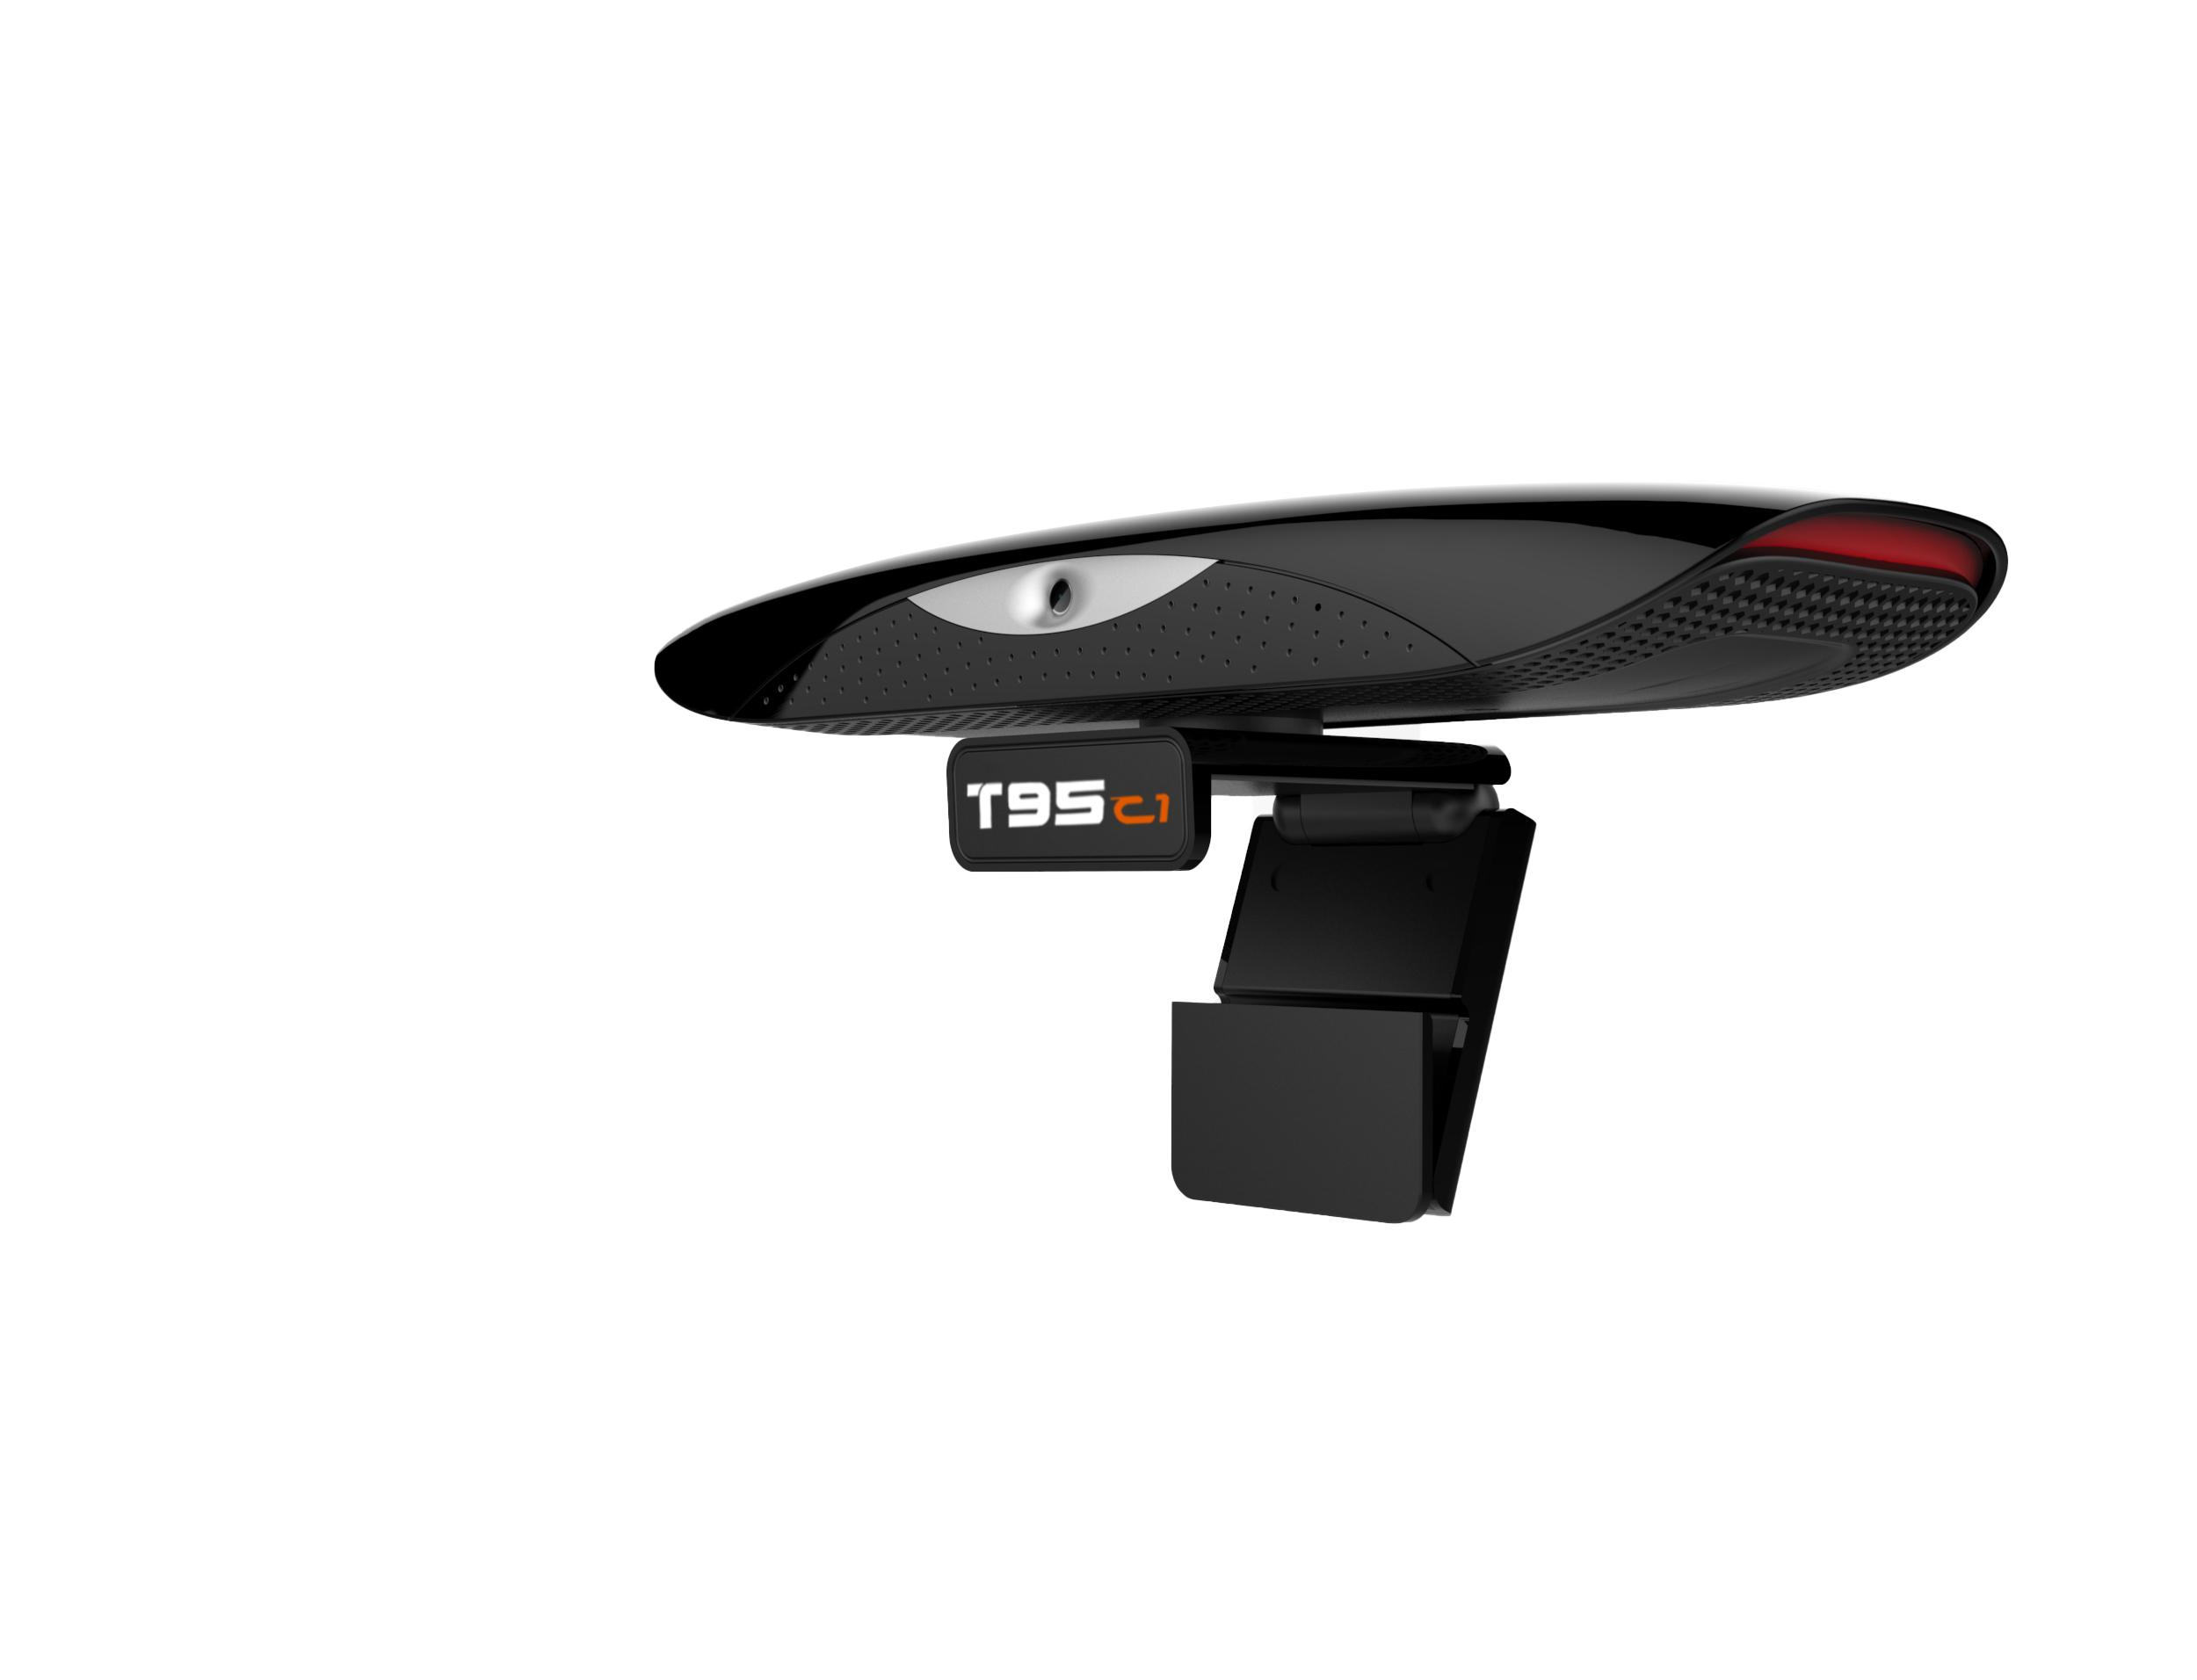 최신 안드로이드 9.0 TV 박스 T95C1 RK3368 옥타 코어 2GB / 16GB 내장 2.4G / 5GWIFIBLUETOOTH 카메라 SW가있는 스마트 미디어 플레이어